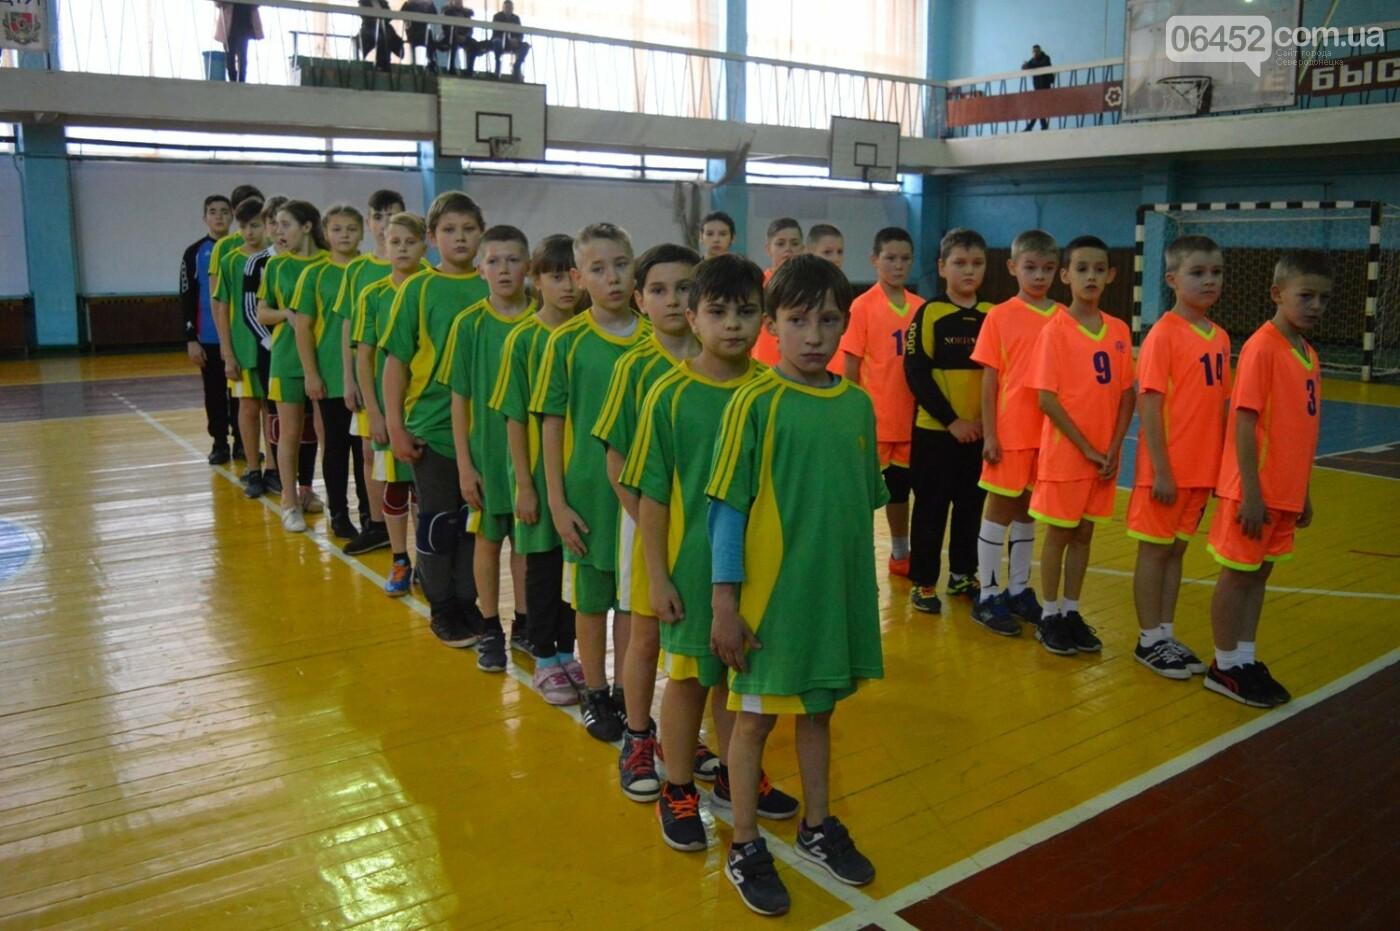 В Сєвєродонецьку відбулась обласна першість з ганболу, фото-1